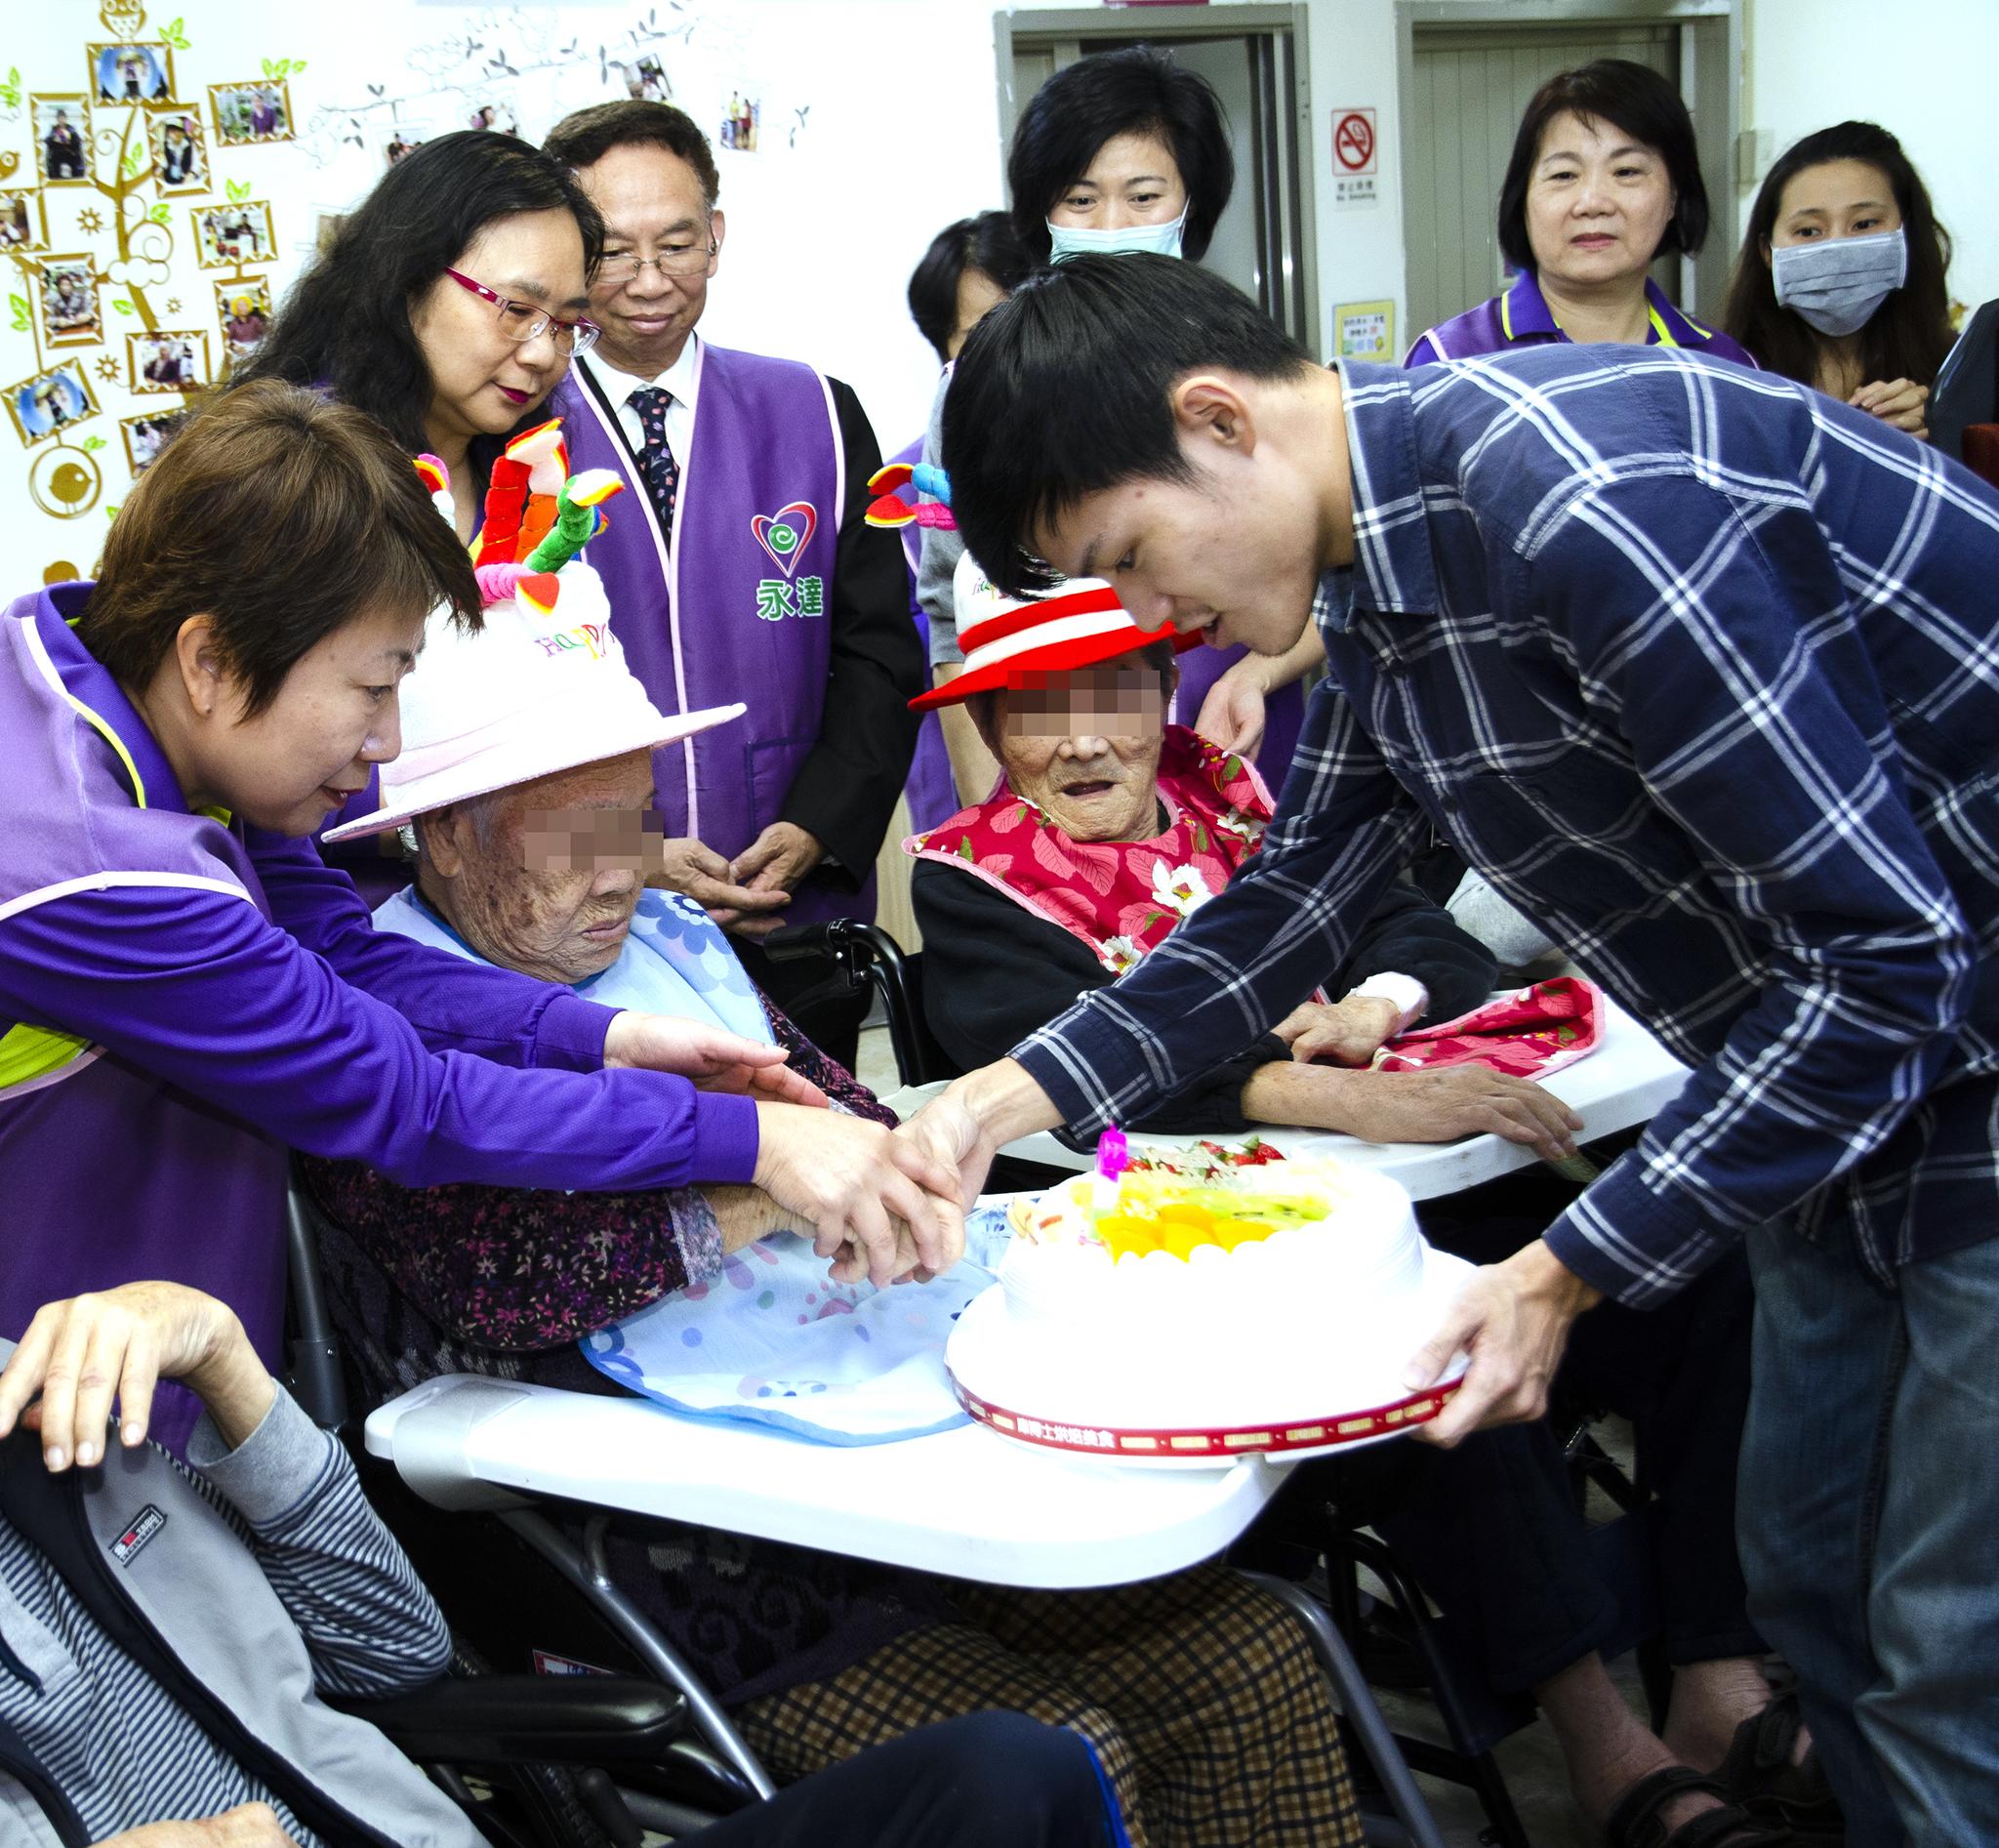 永達志工協助十二月壽星長輩切蛋糕。